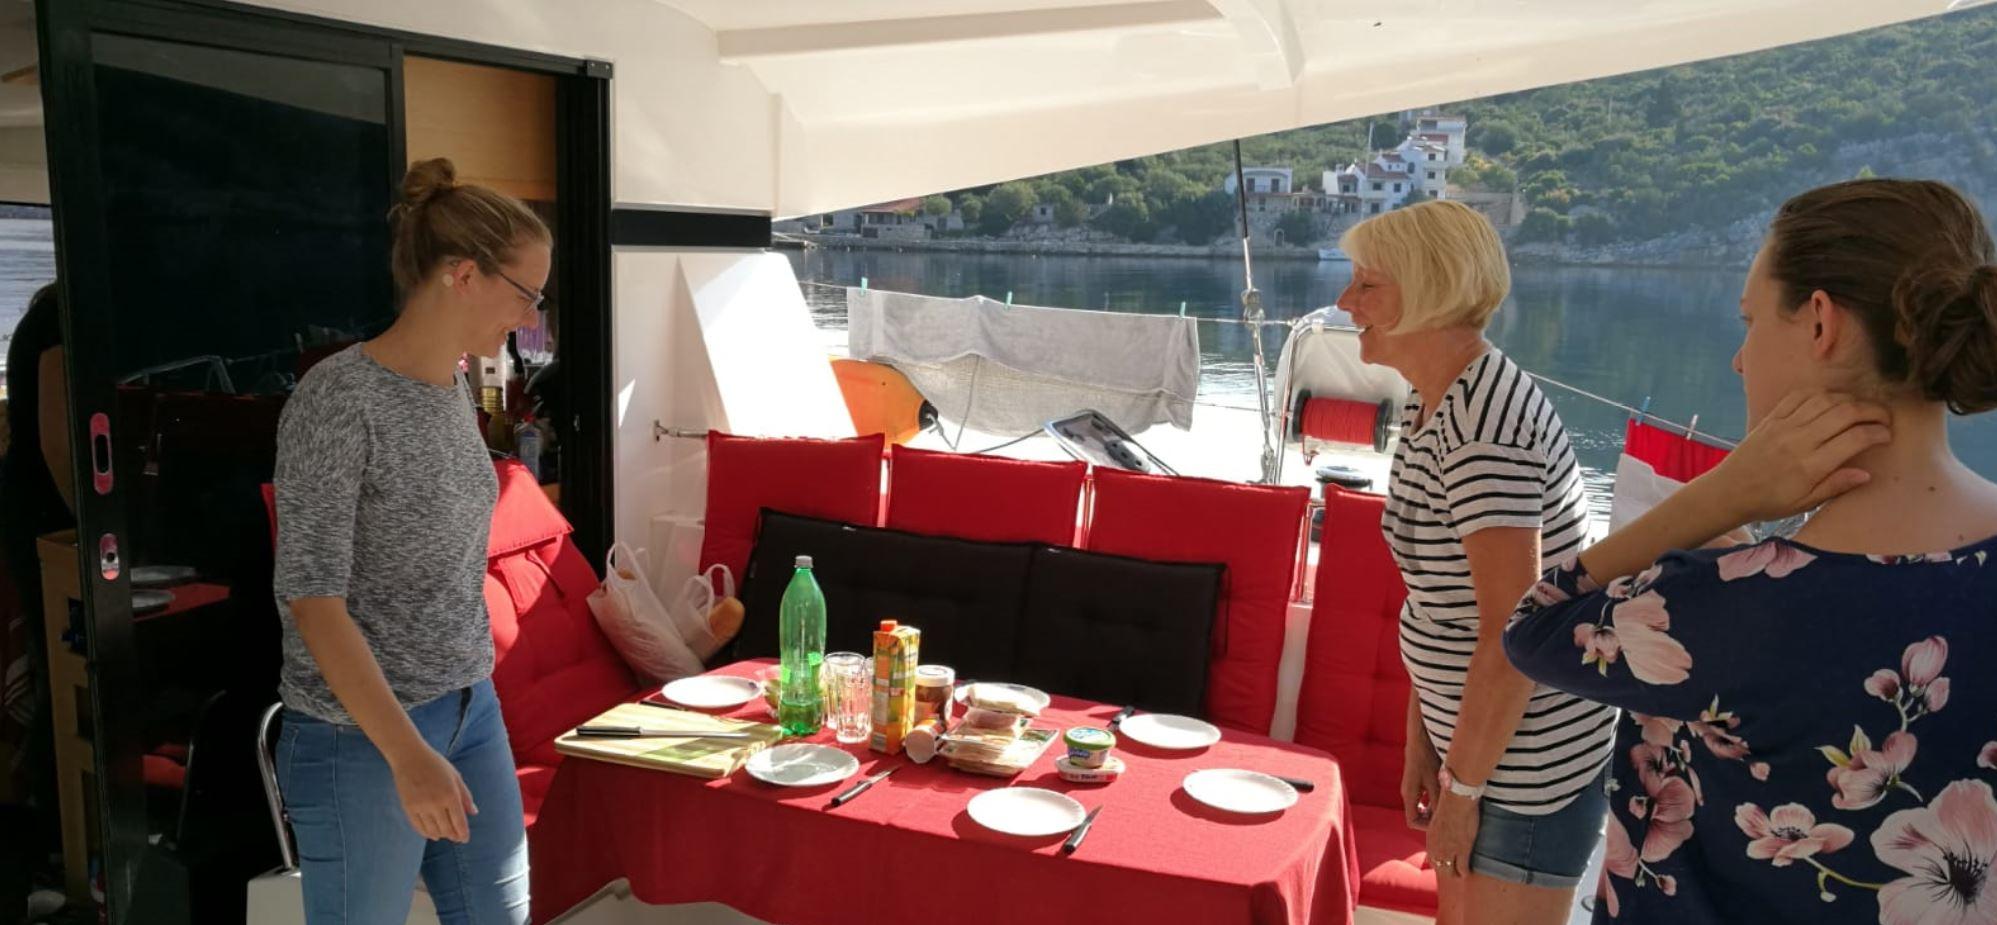 Segelreisen: Das Frühstück wird angerichtet